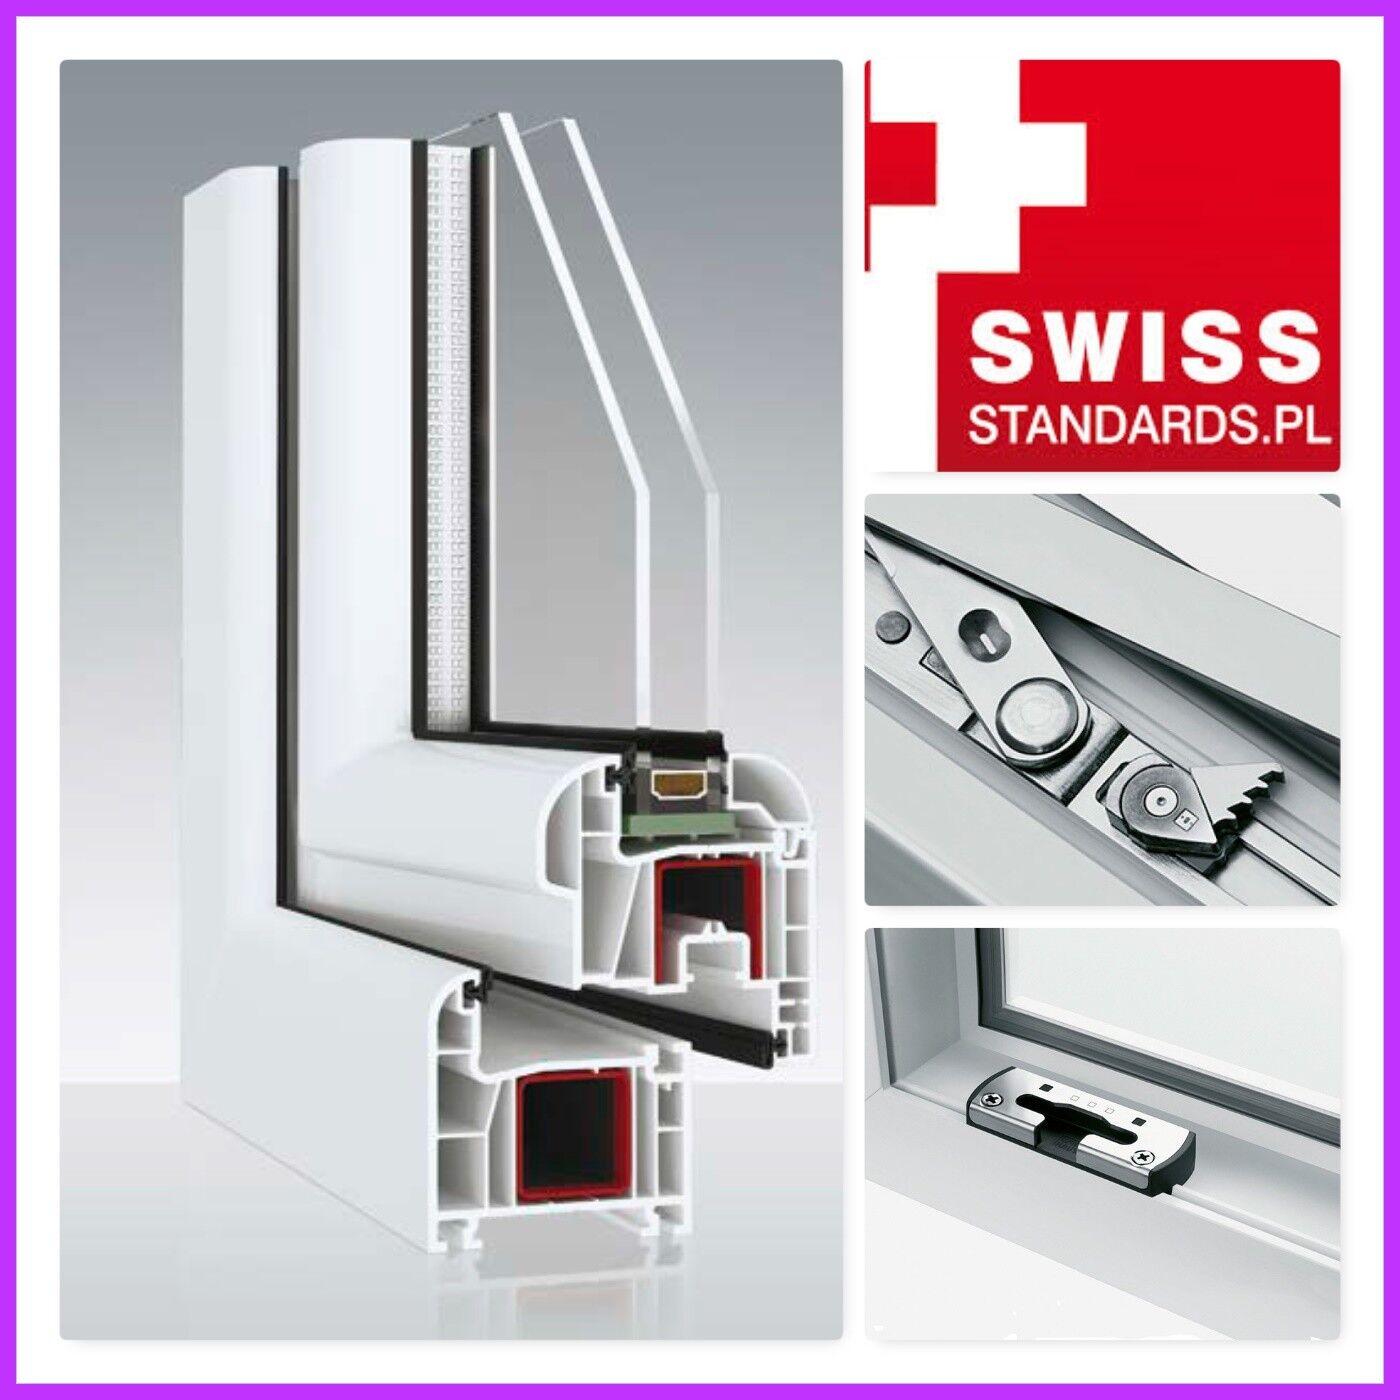 kunststofffenster kellerfenster fenster 2 3 fach. Black Bedroom Furniture Sets. Home Design Ideas